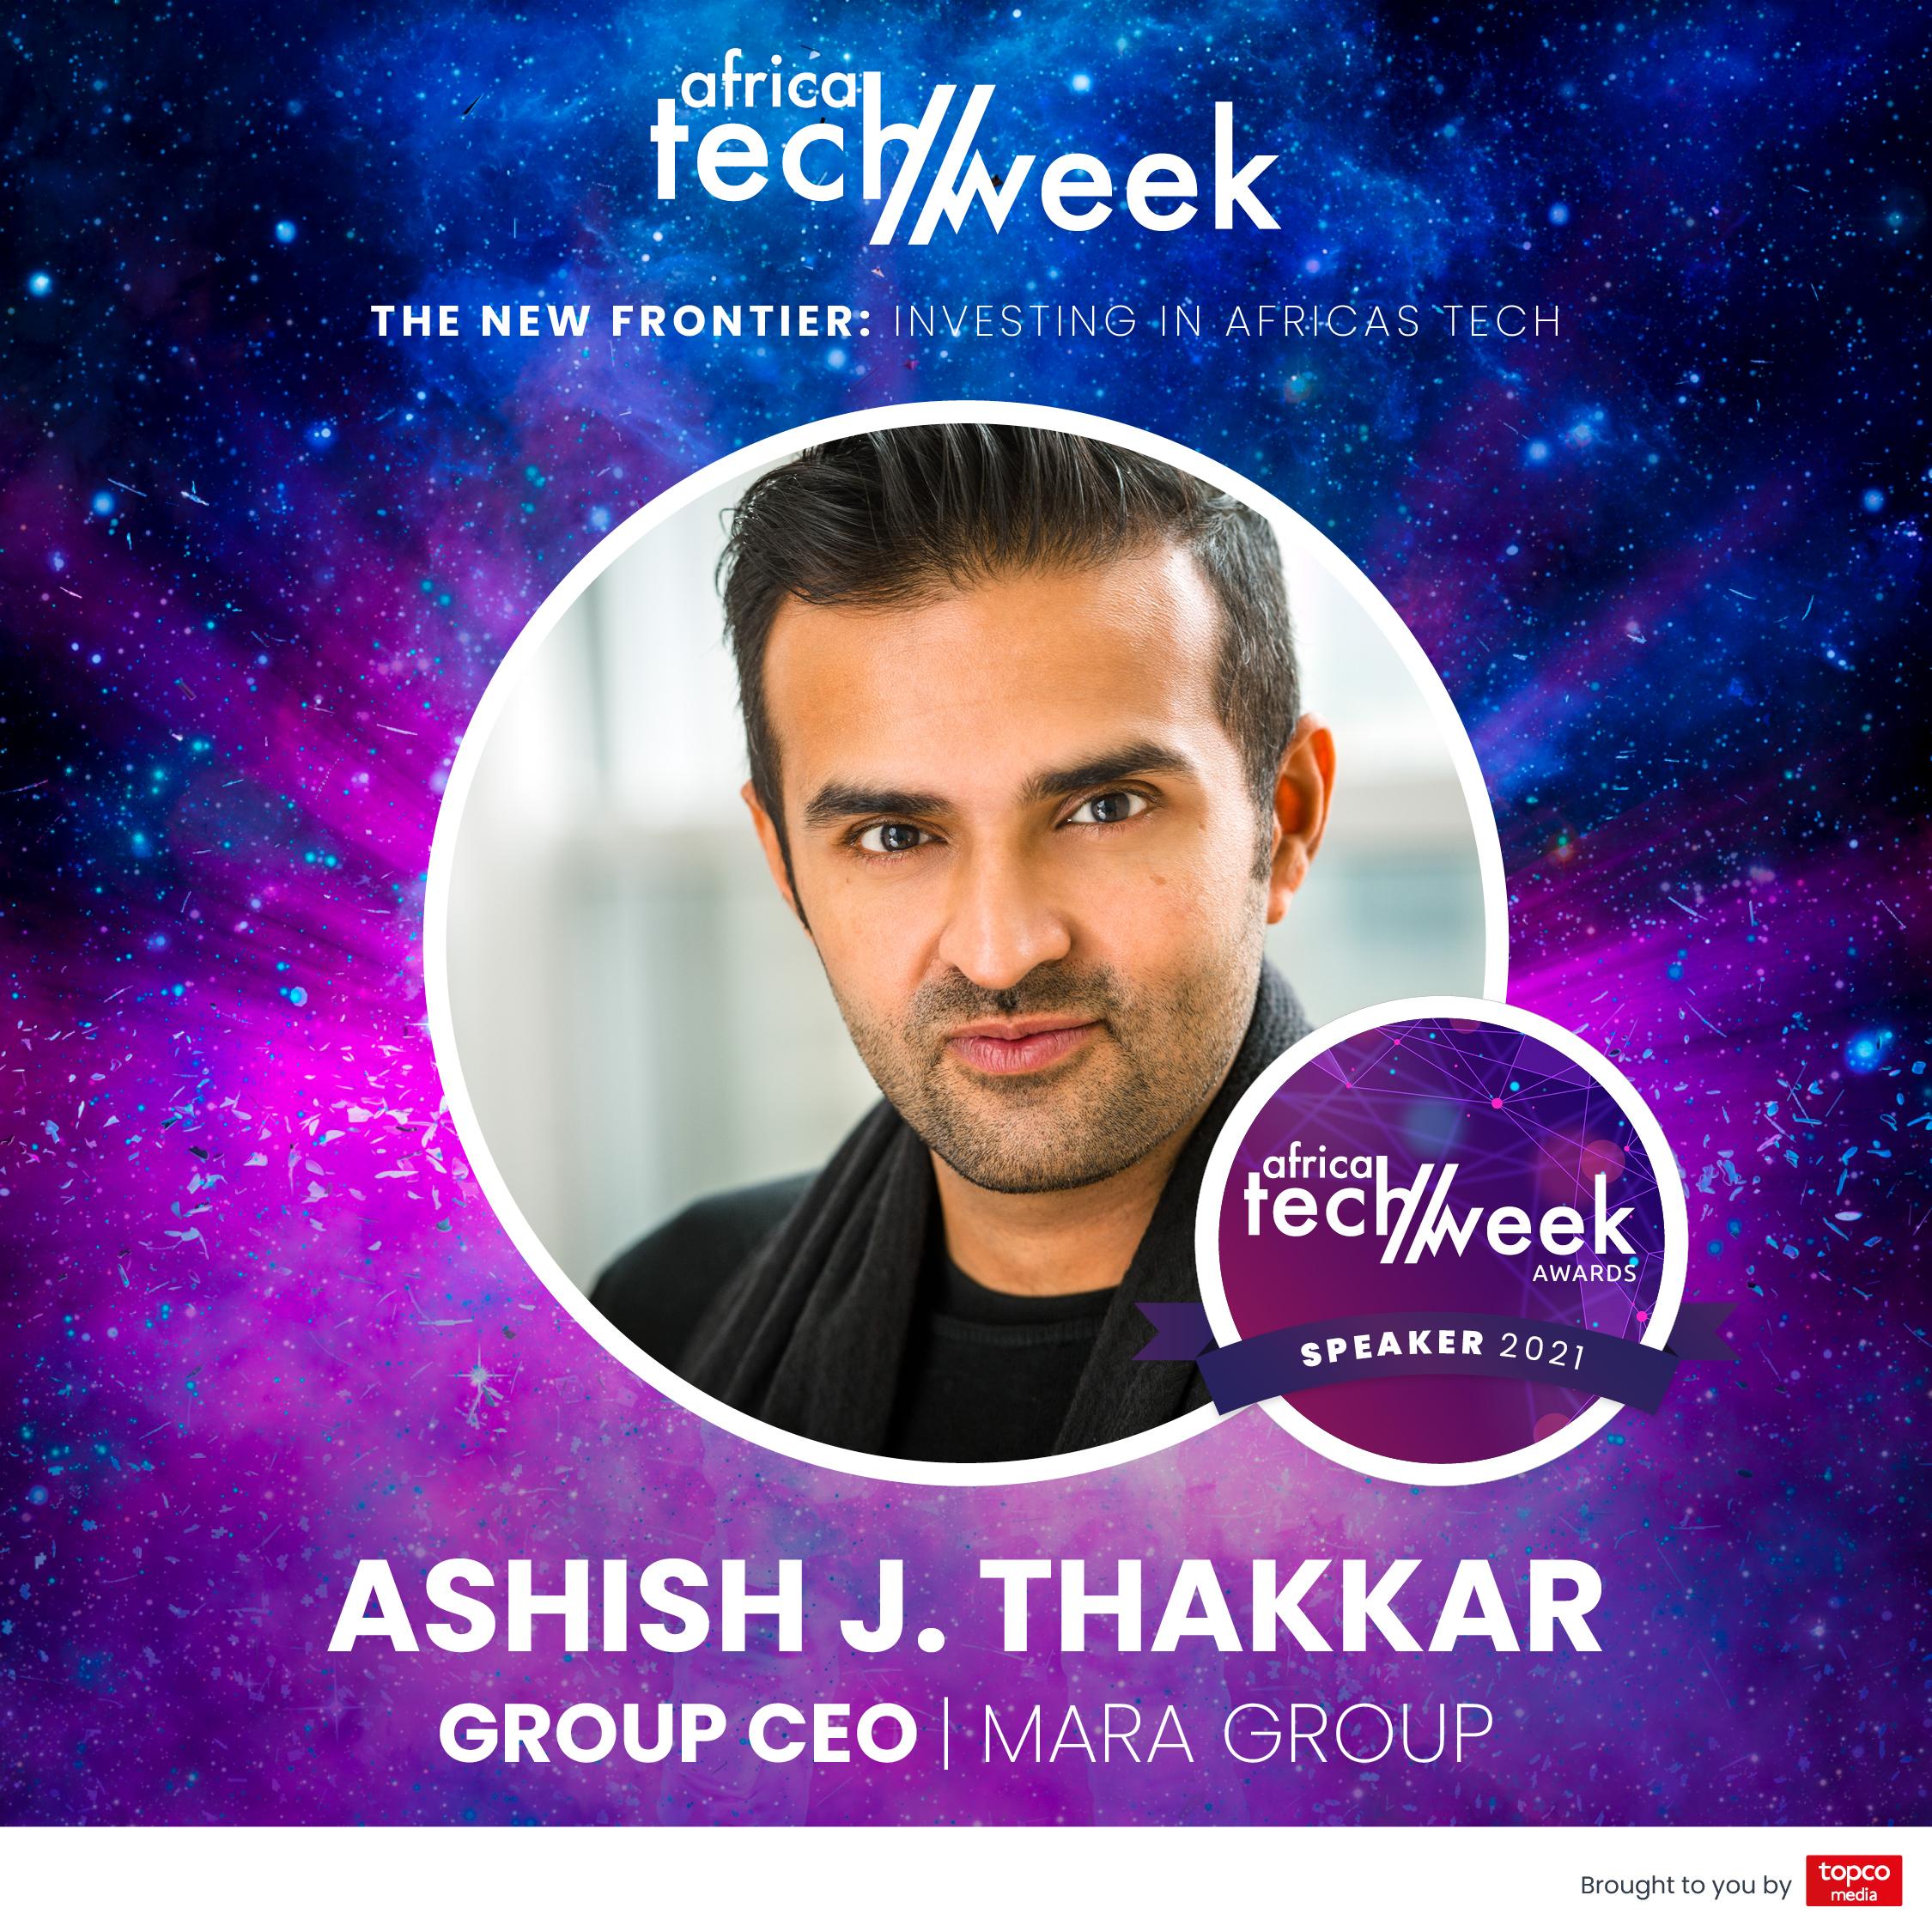 Ashish. J. Thakkar